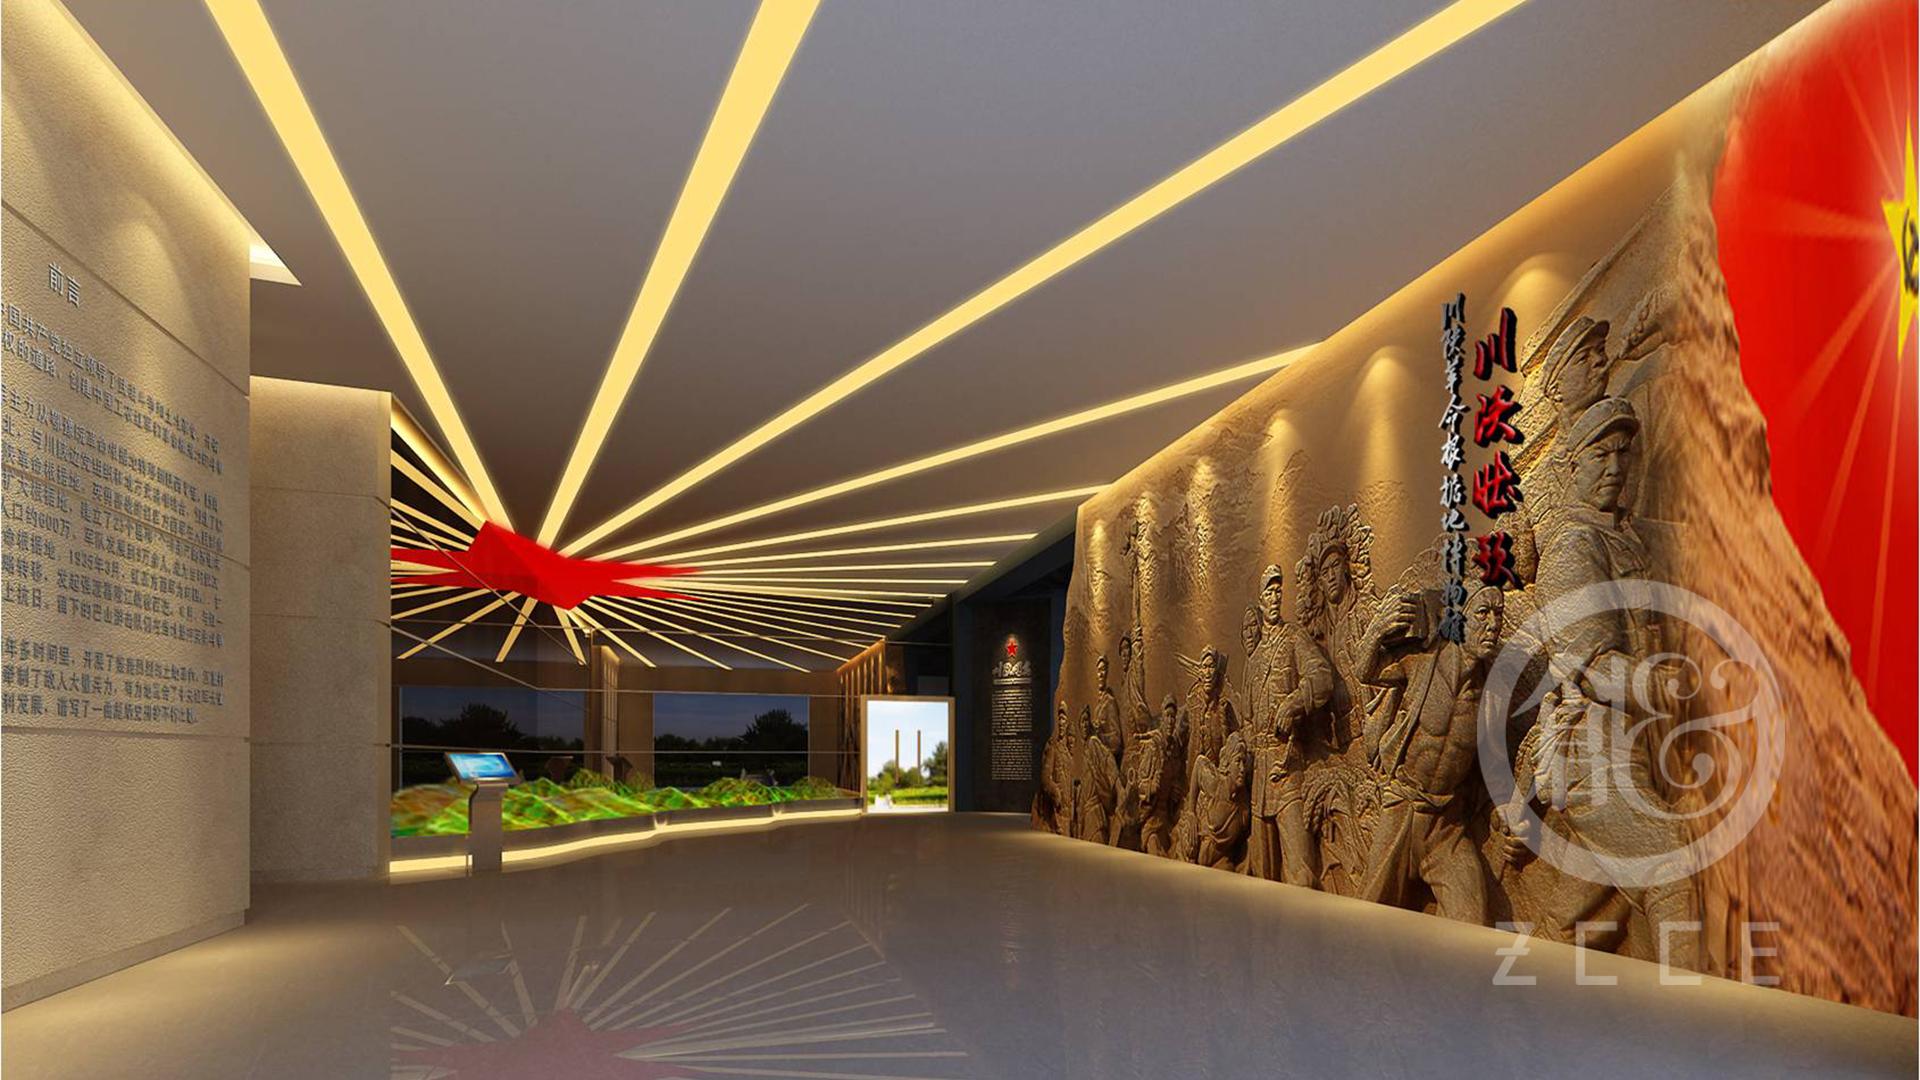 川陕革命根据地博物馆